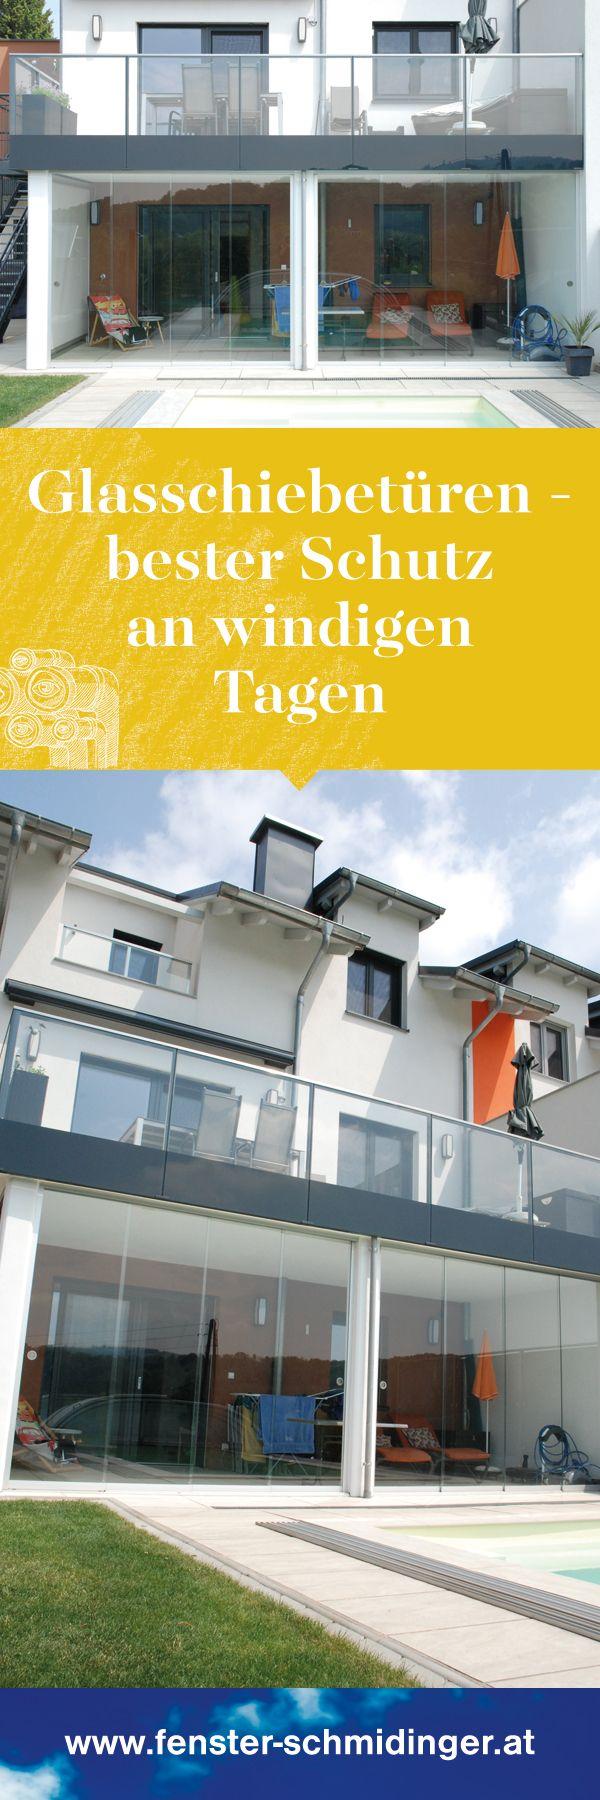 Erstaunlich Masson Wintergarten Foto Von Wintergarten, Balkonverbau, Verglasung & Ganzglaselemente